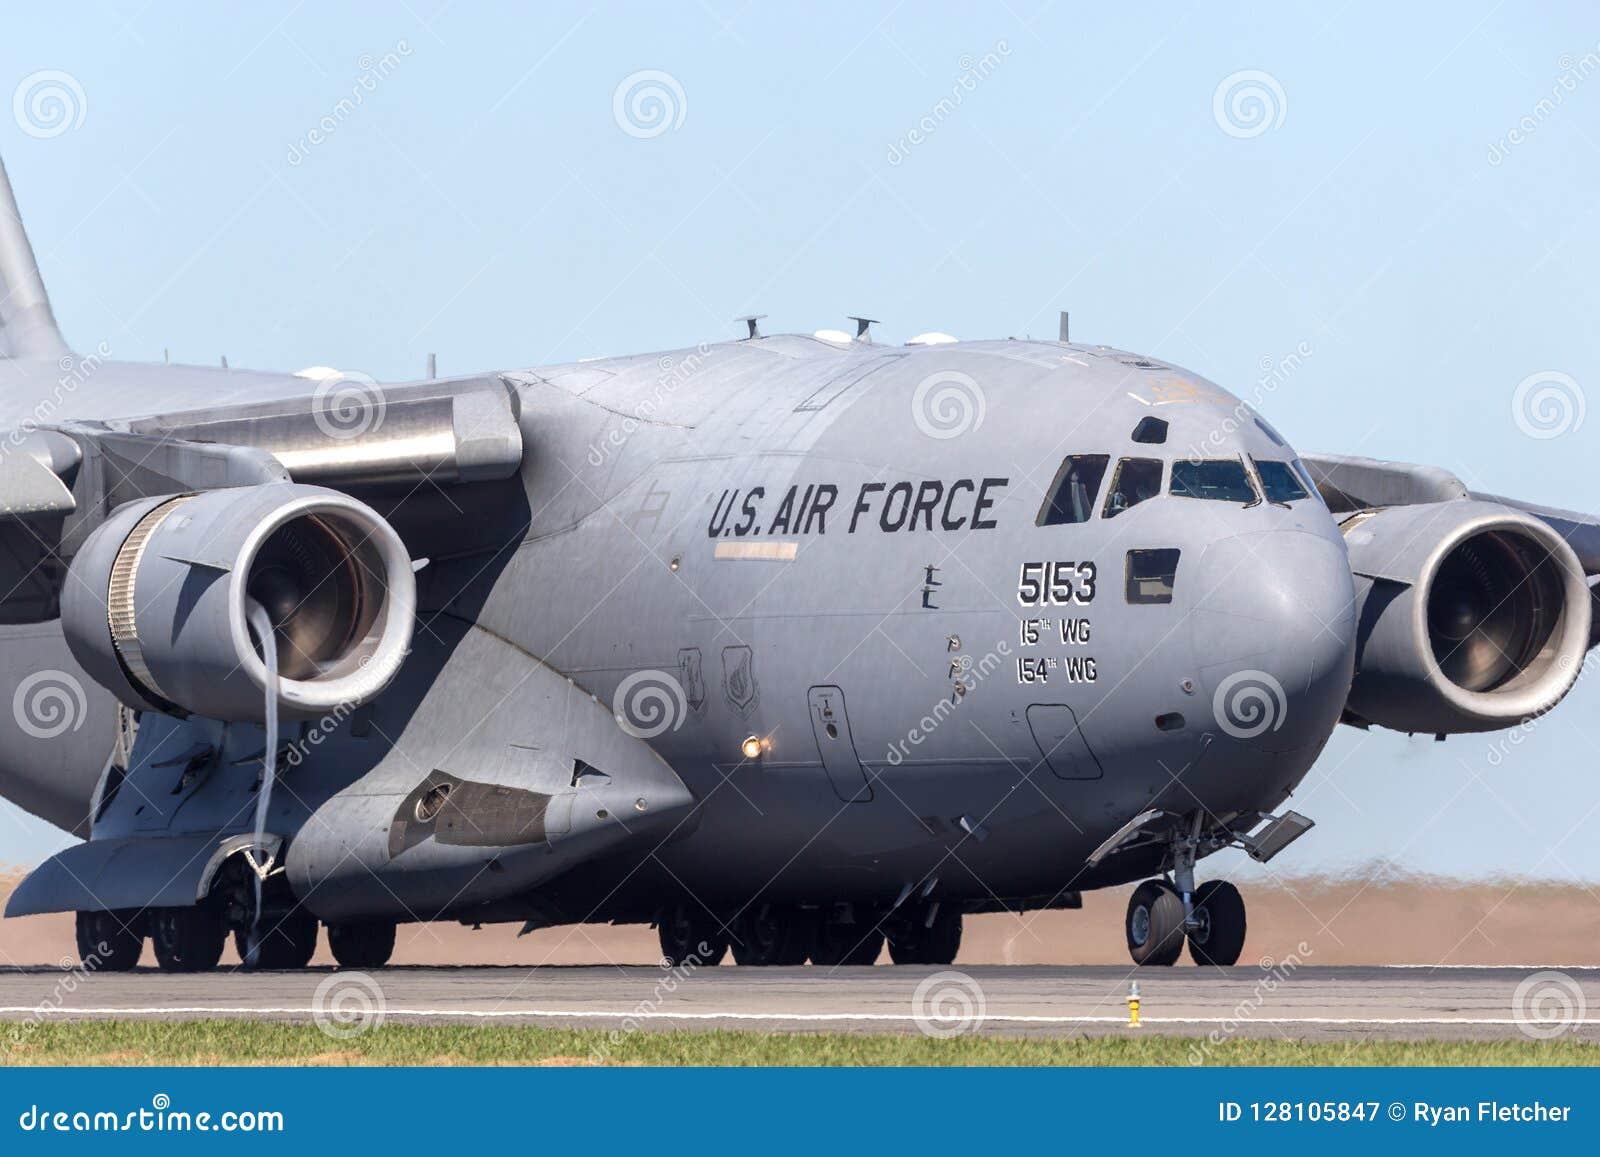 Los Militares Del U S A F Boeing C 17a Globemaster Iii De La Fuerza Aérea De Estados Unidos Transportan Los Aviones 05 5153 De L Fotografía Editorial Imagen De Febrero Pesado 128105847